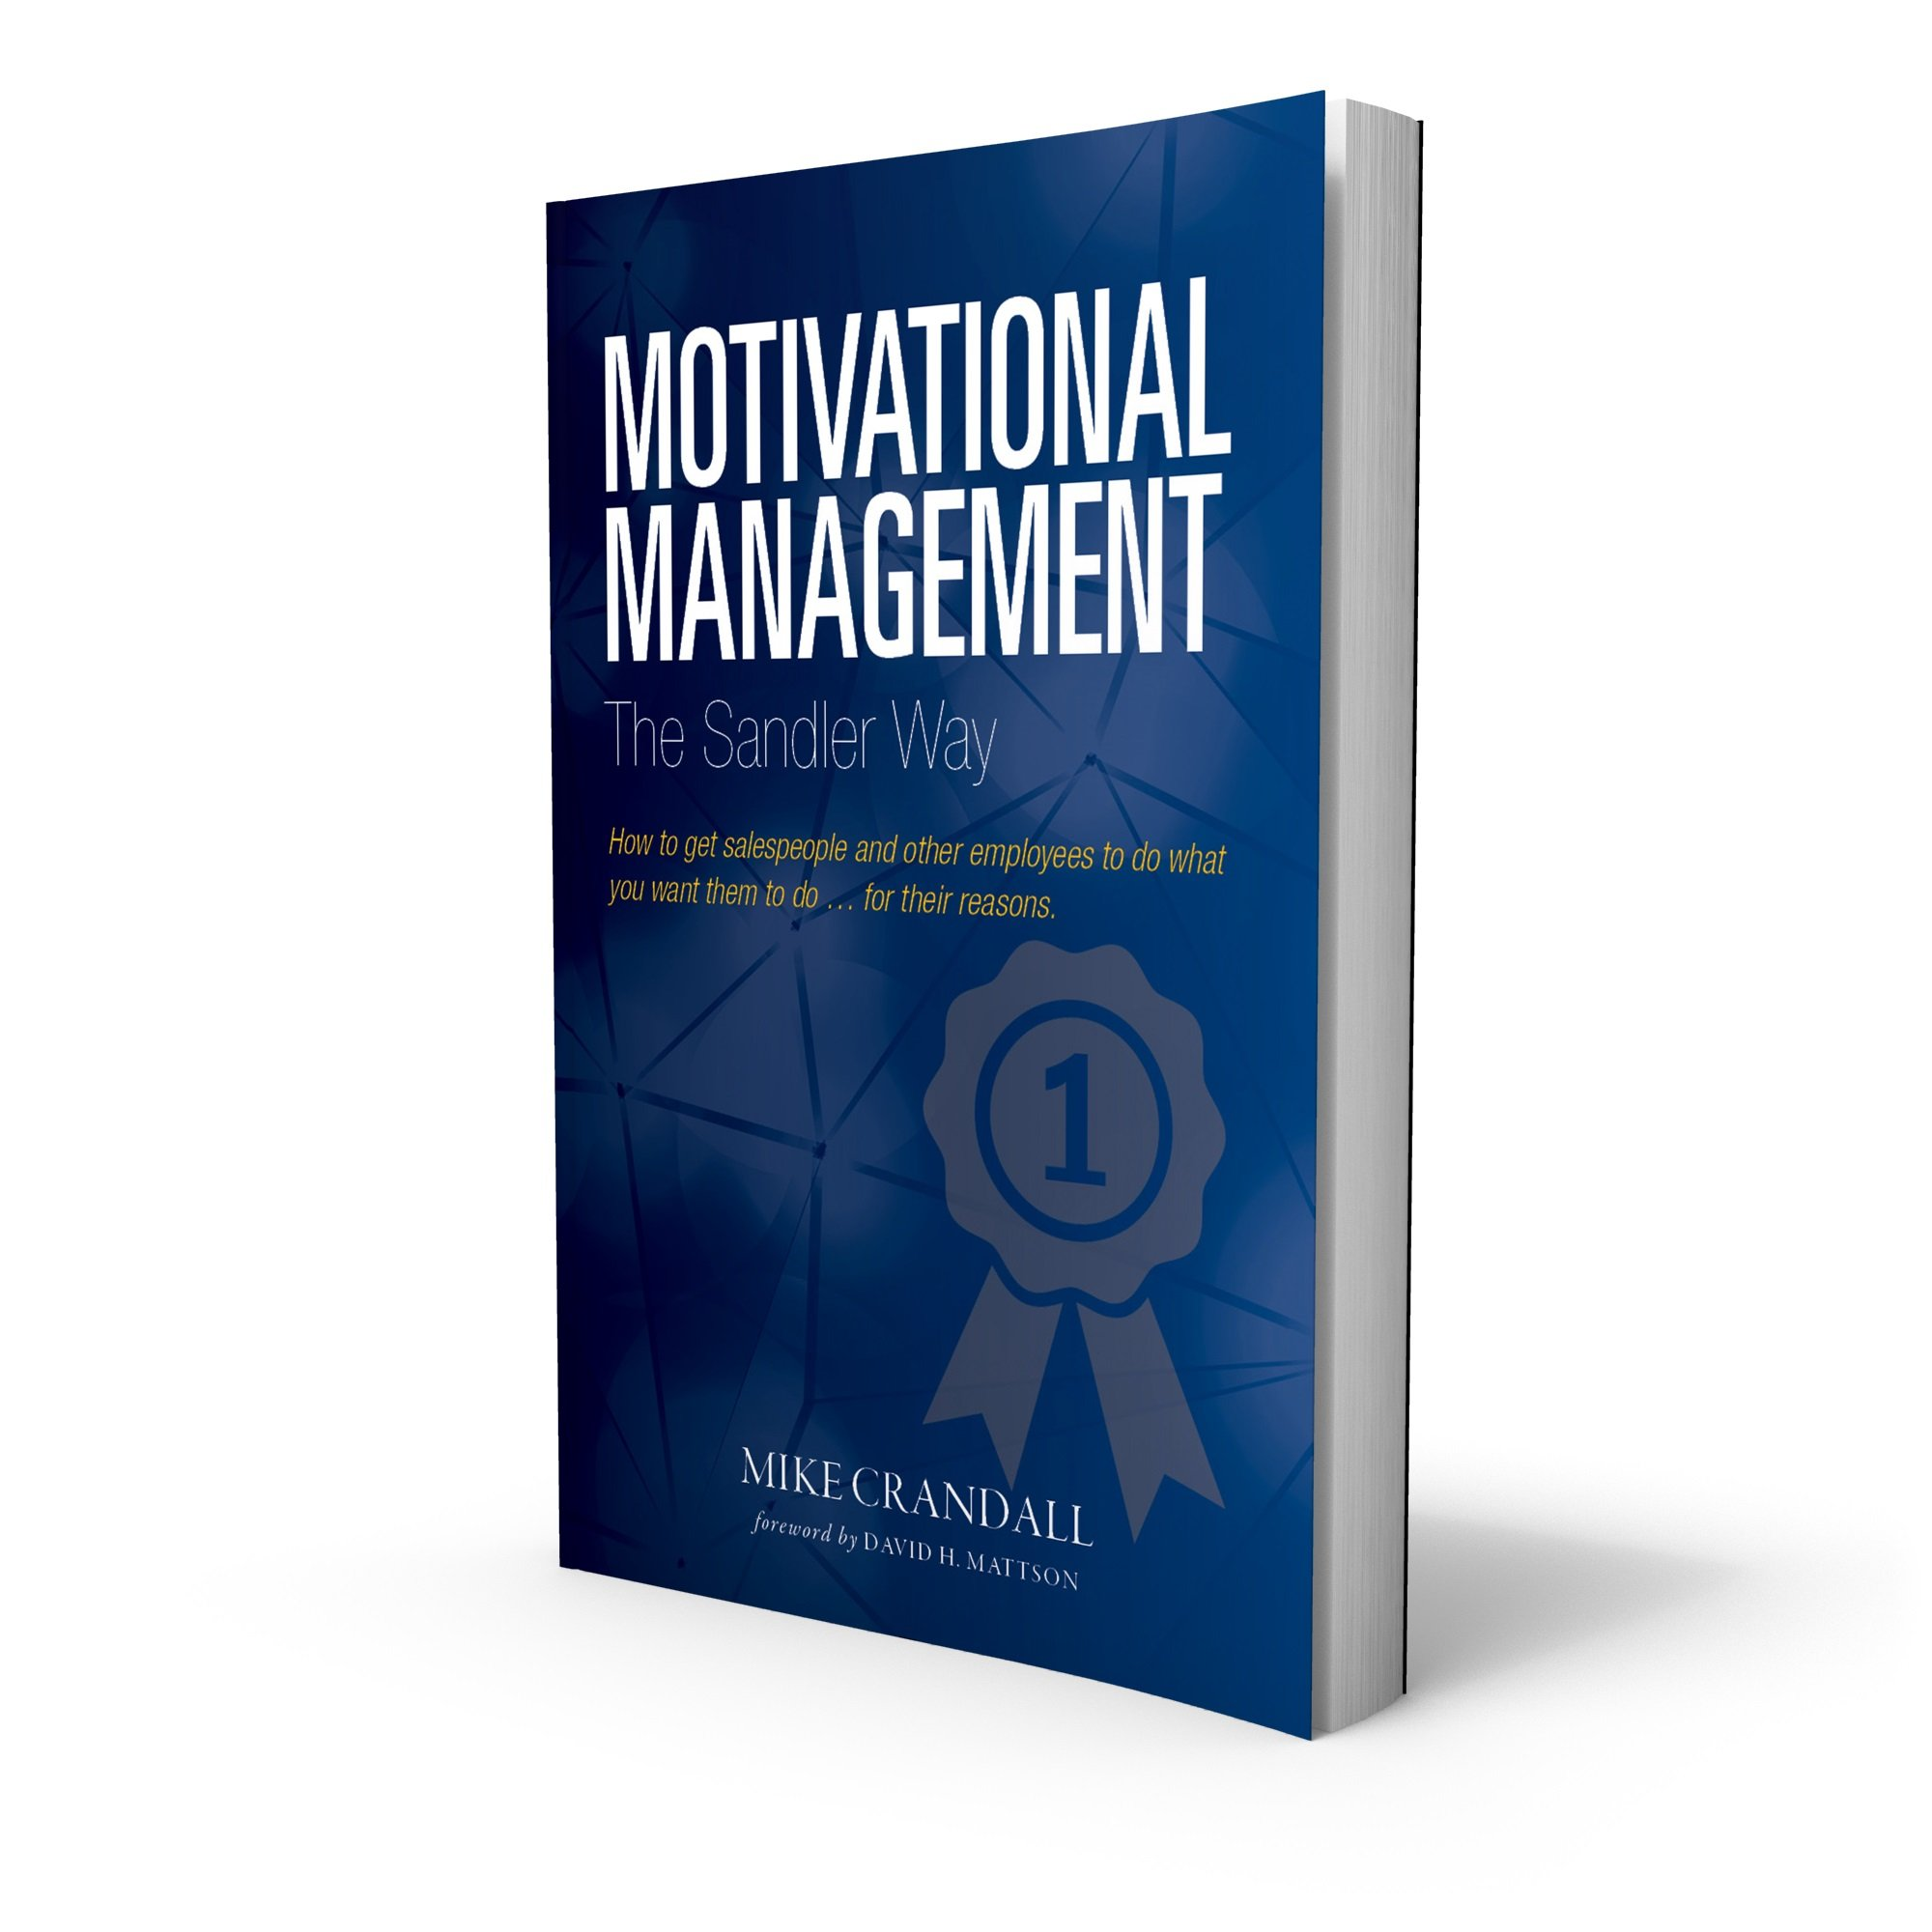 Motivational Management The Sandler Way